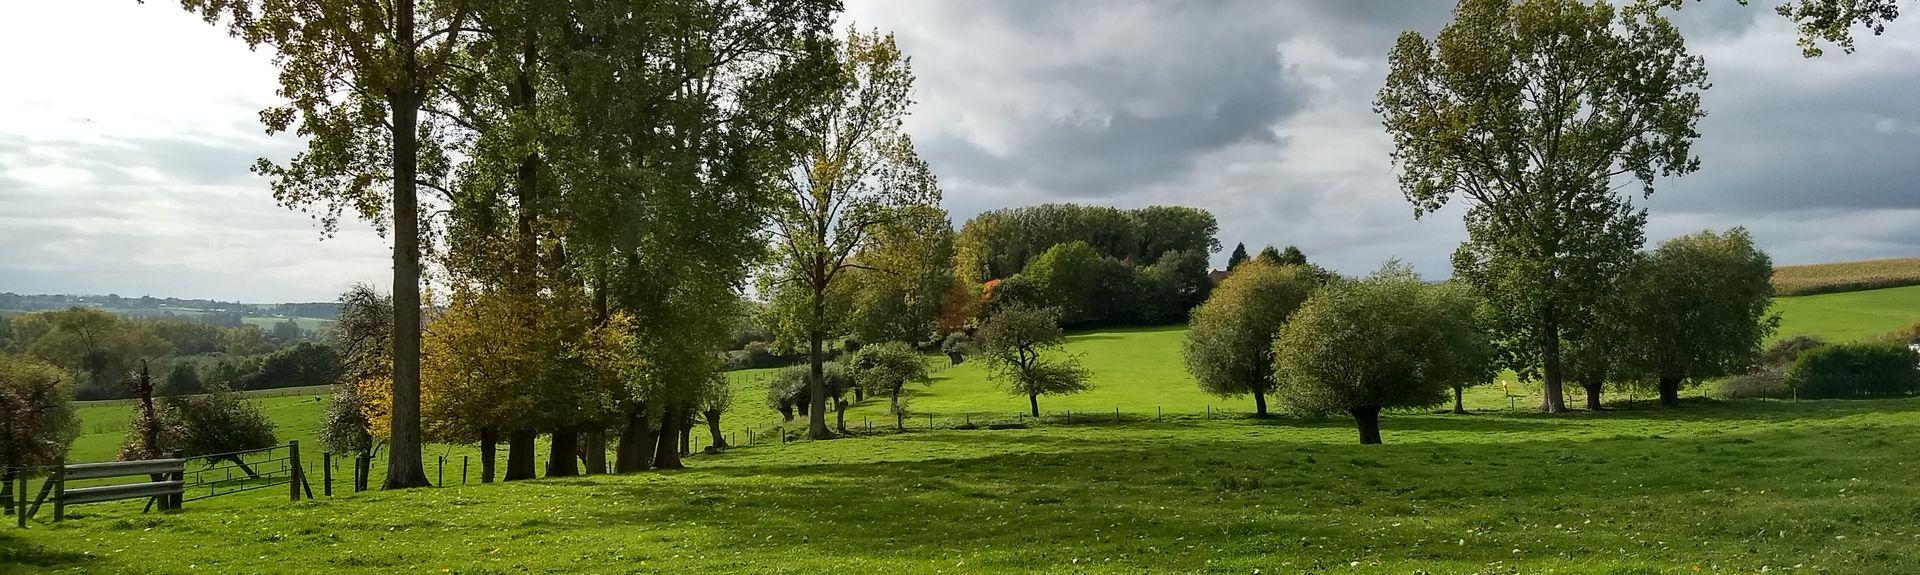 Deinze, Flemish Region, Belgium